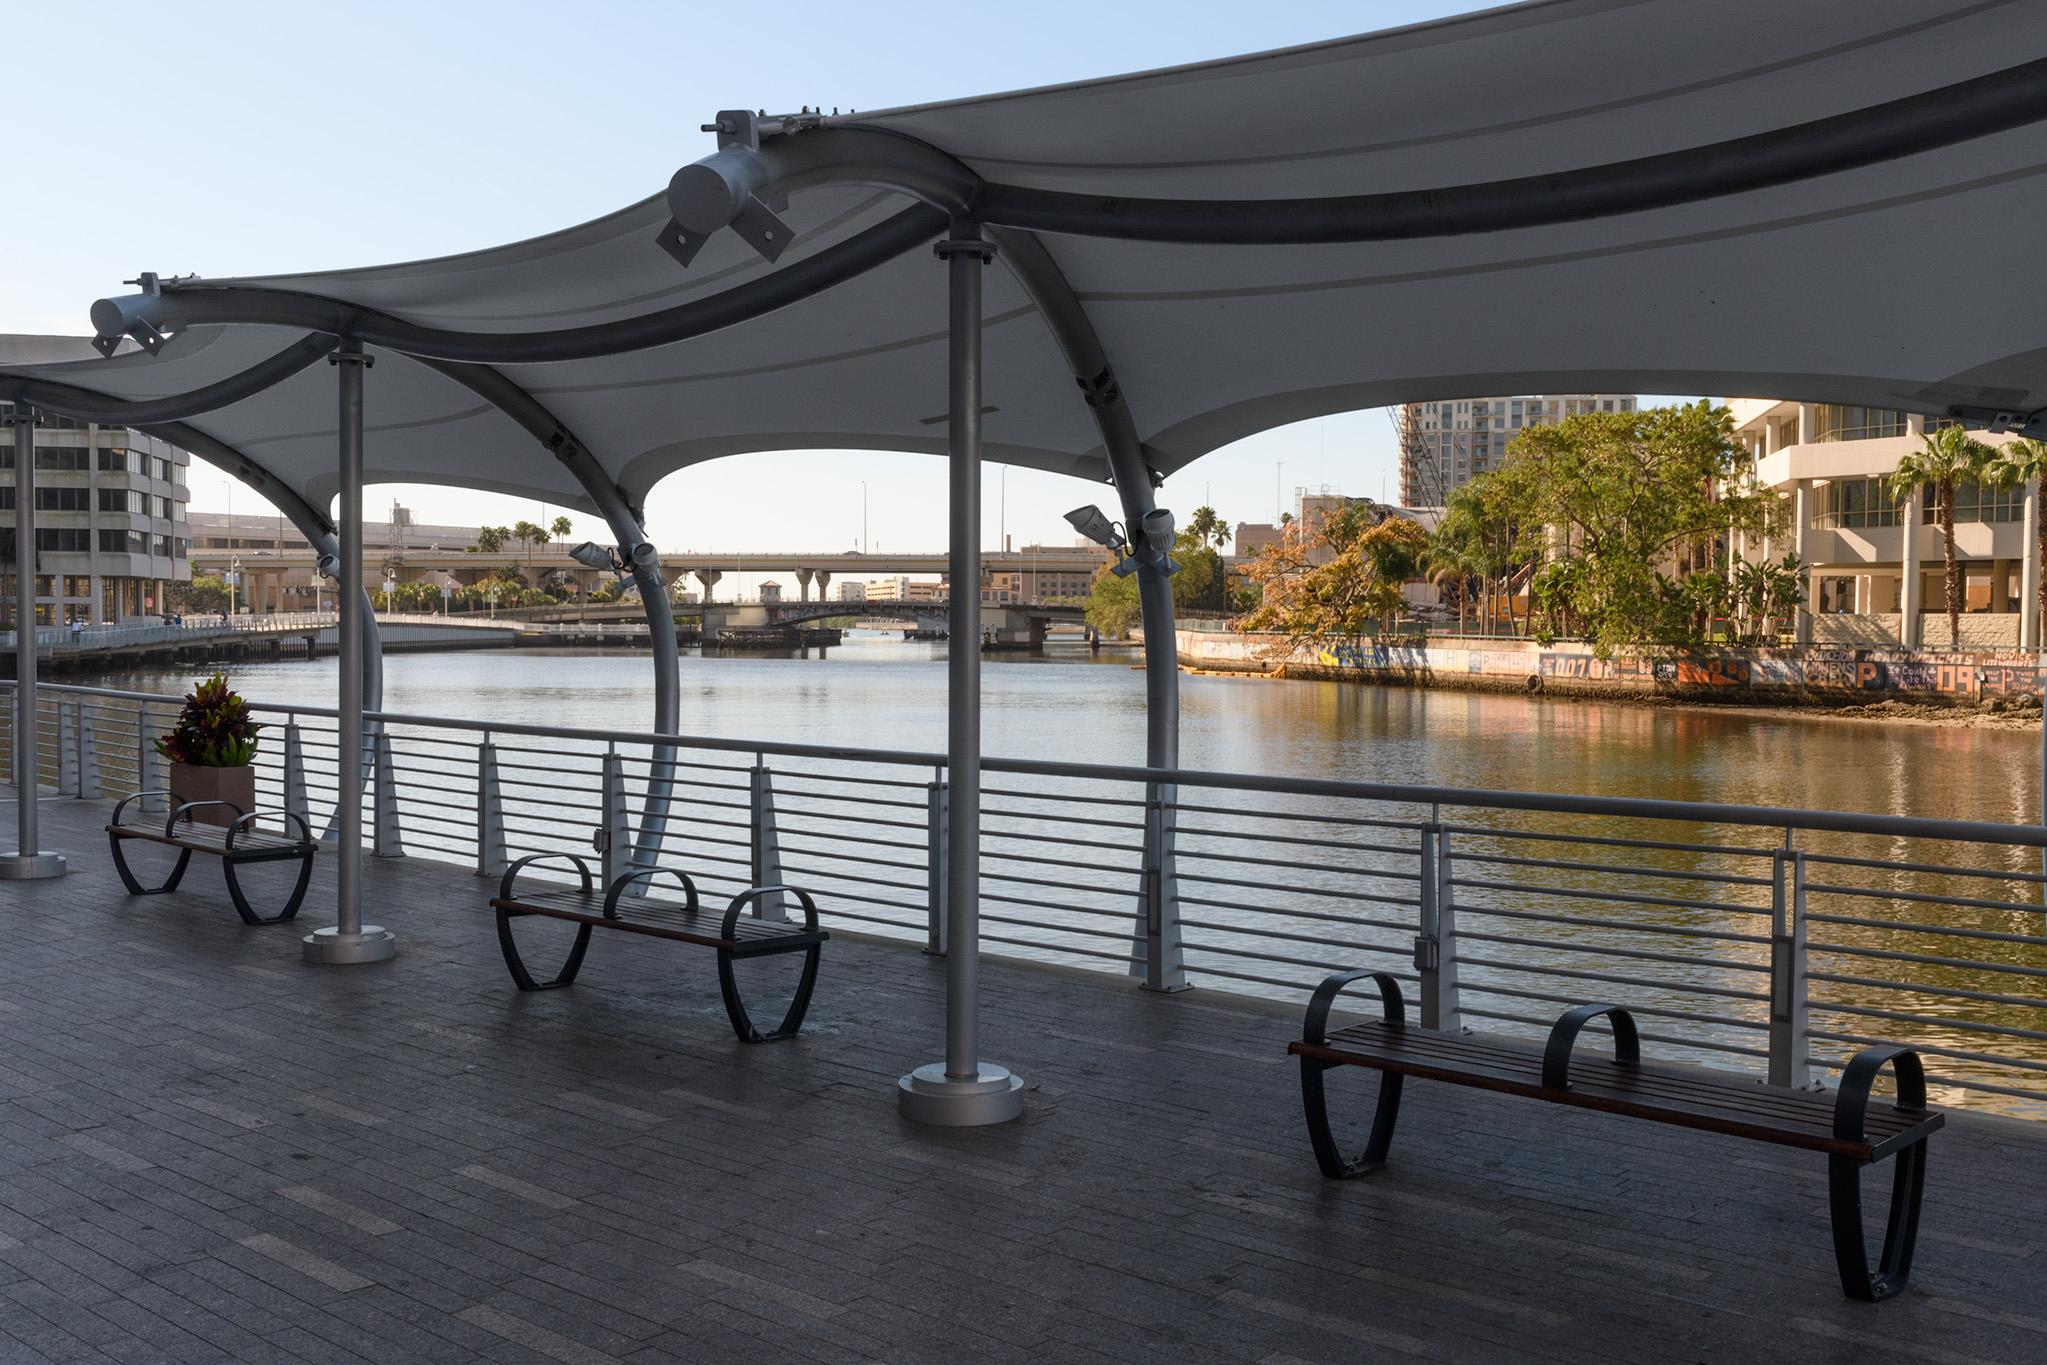 Riverwalk in Tampa